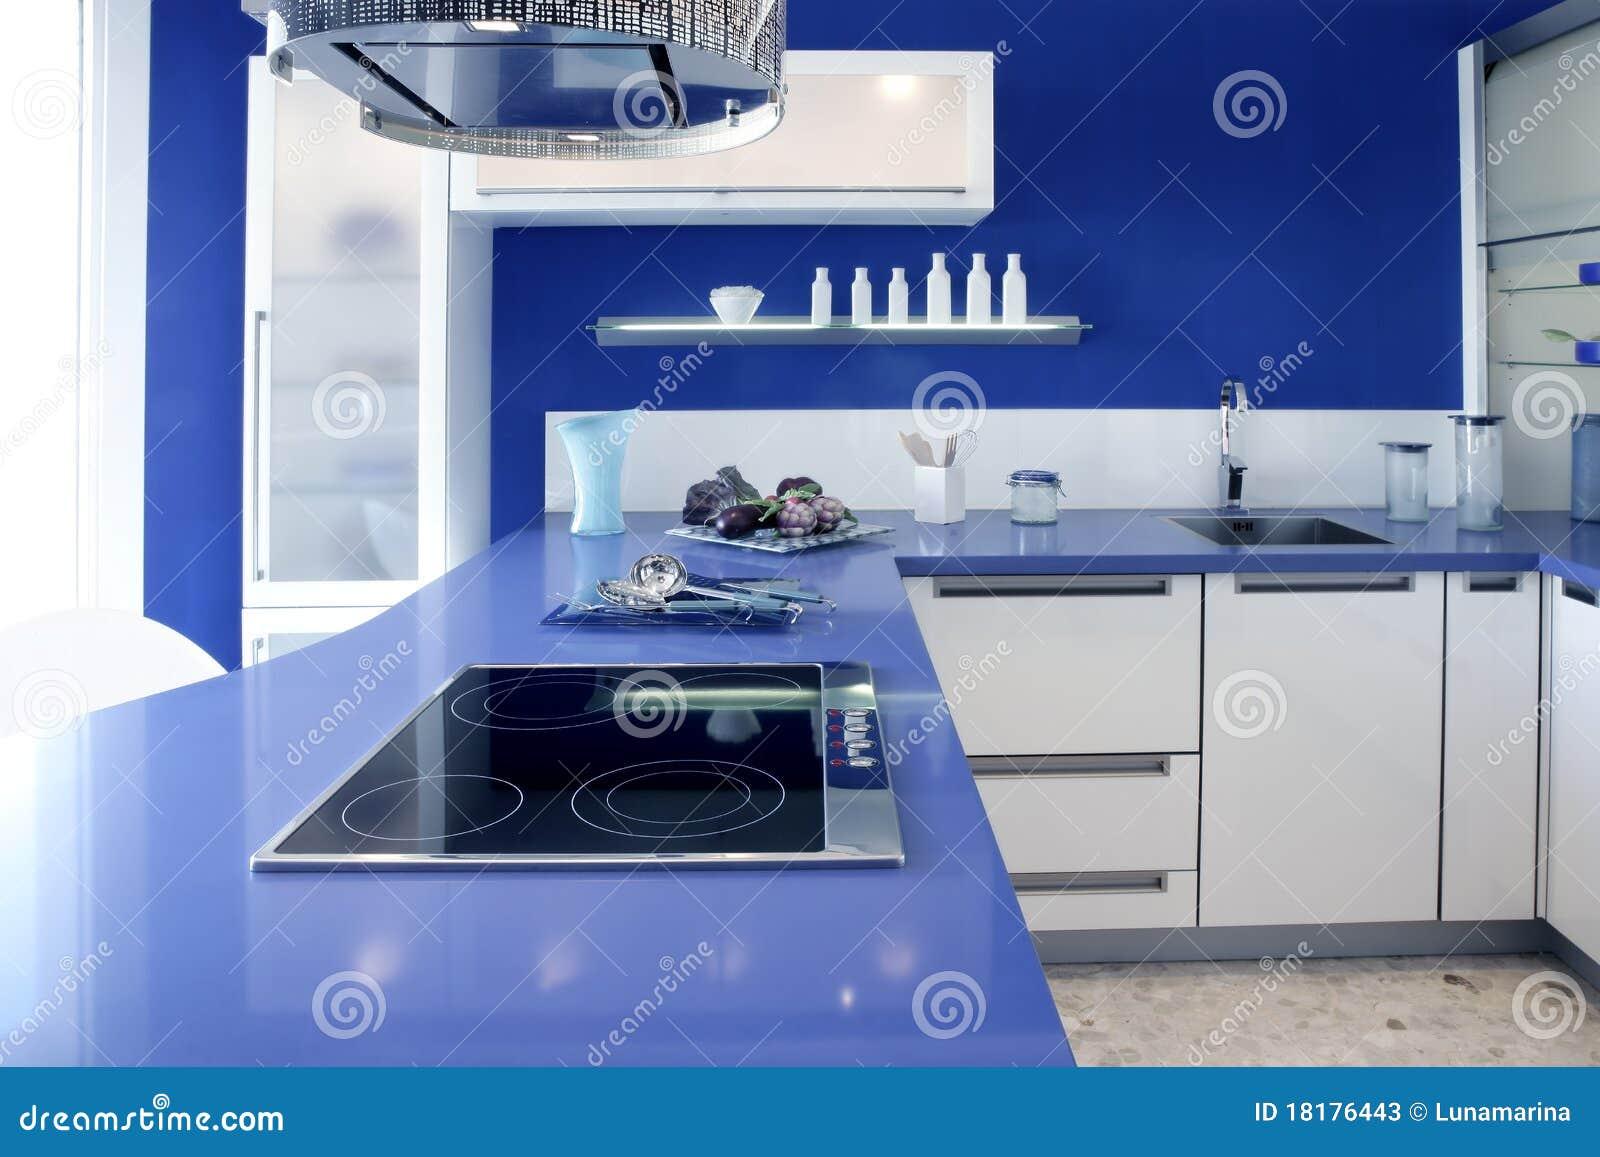 Maison moderne de conception intérieure de cuisine blanche bleue